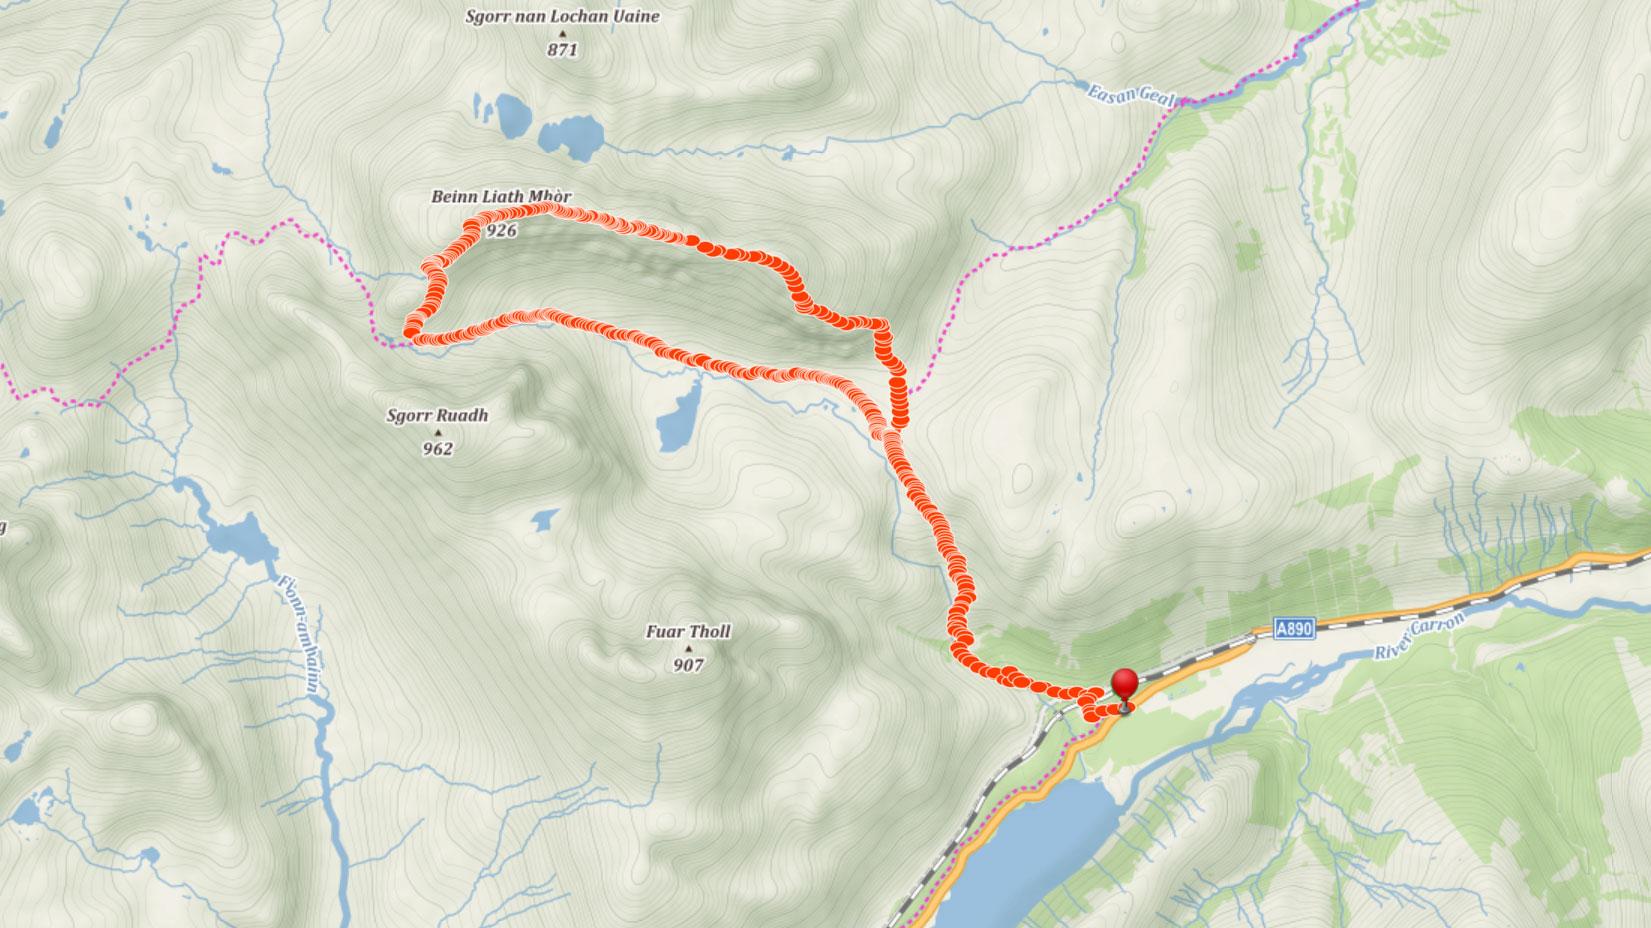 Popisovaná trasa na Beinn Liath Mhor